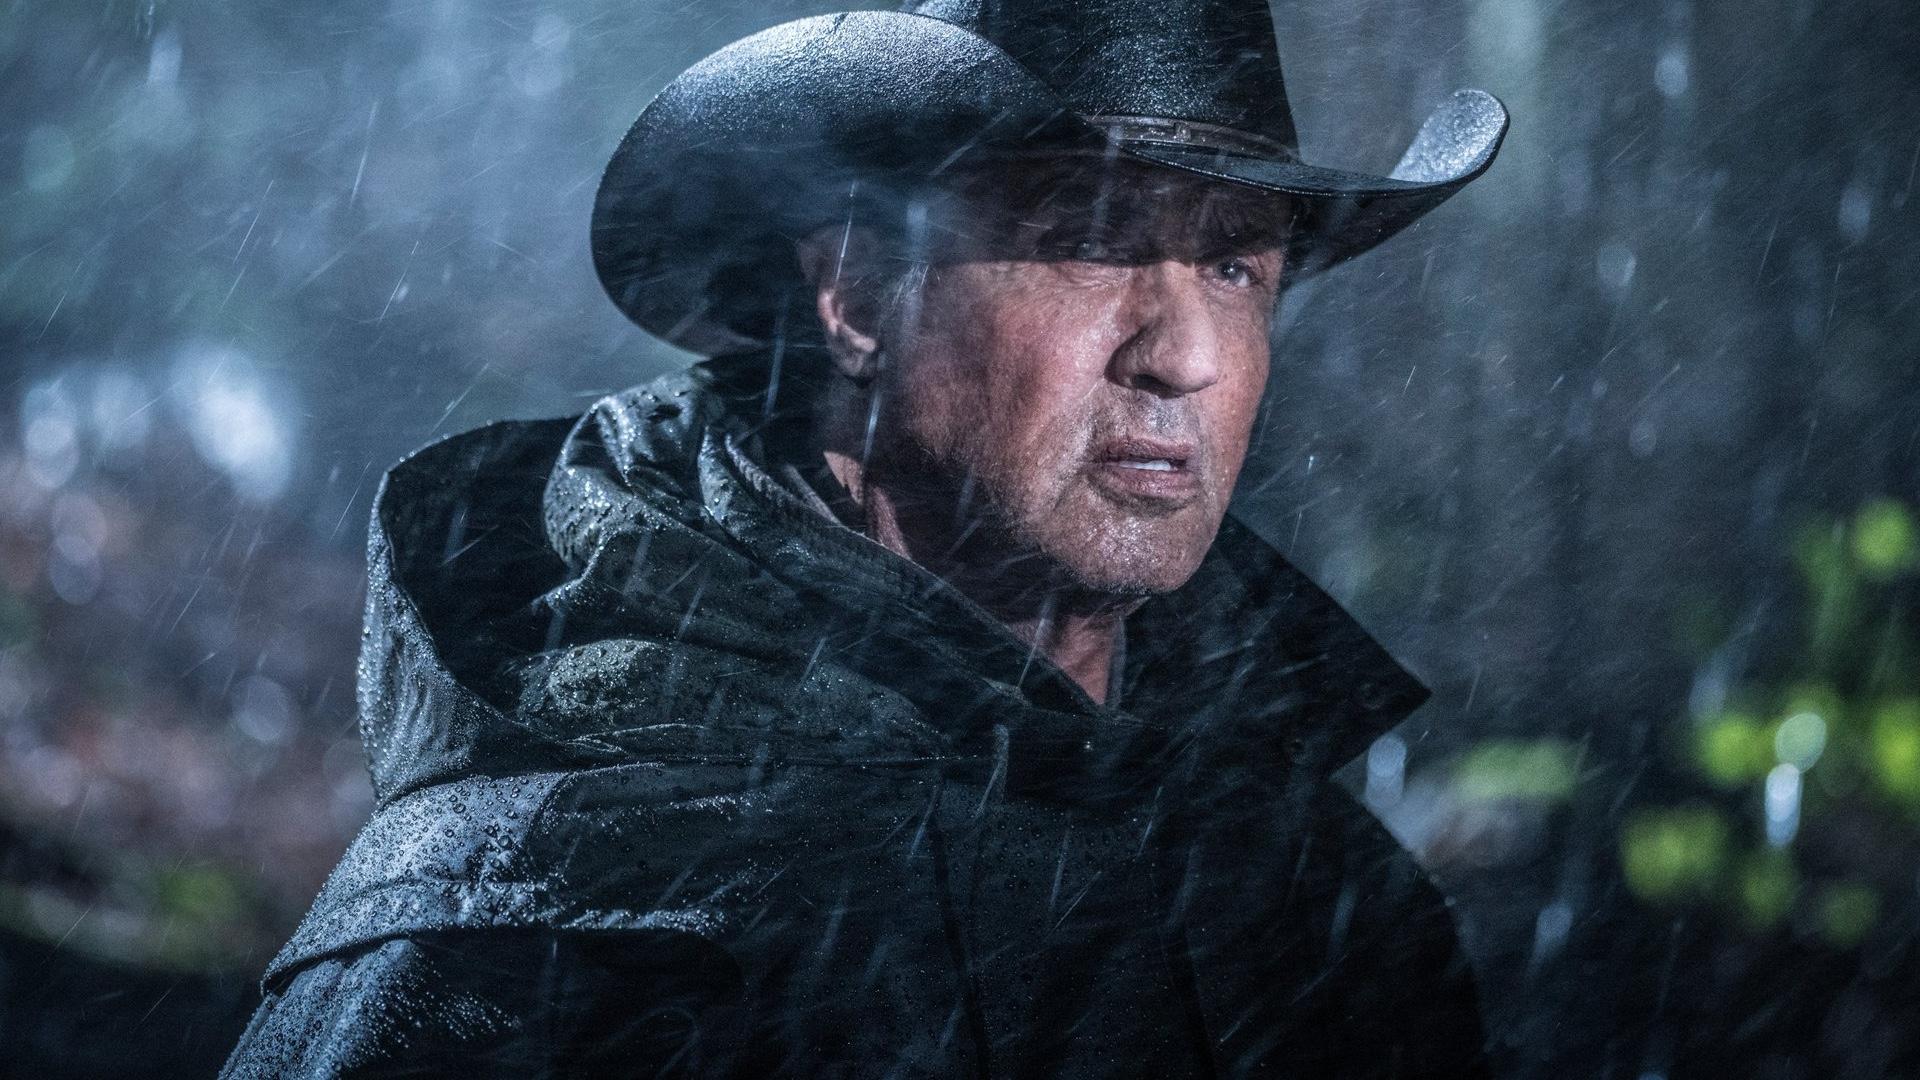 نخستین تریلر از فیلم Rambo: Last Blood منتشر شد